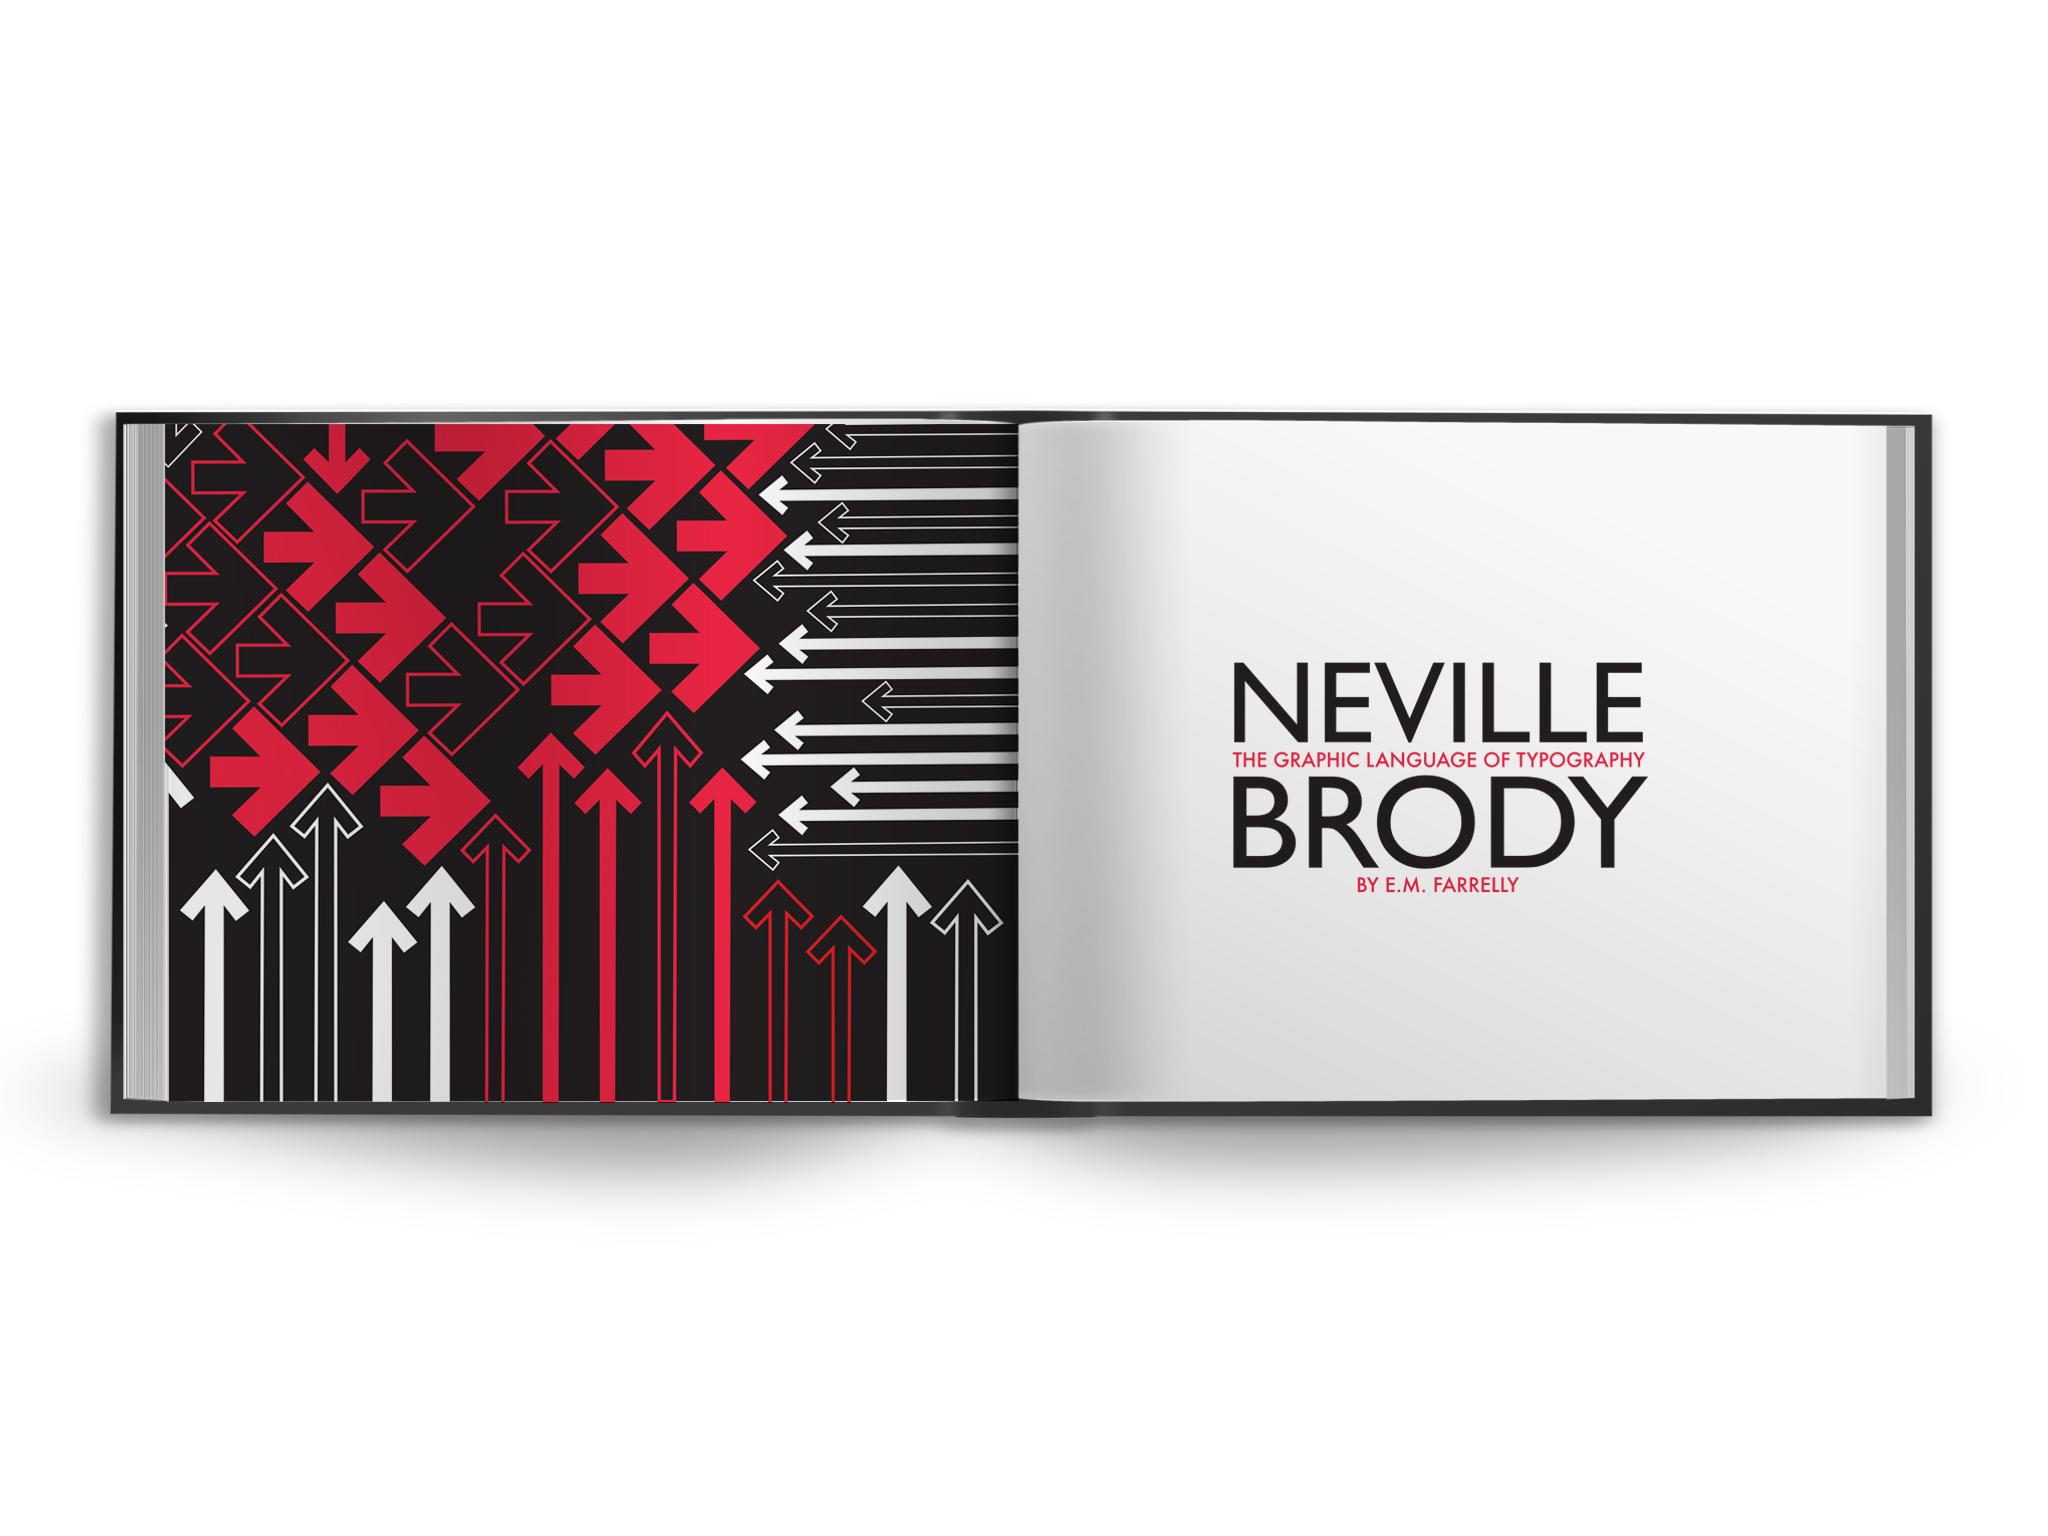 NevilleBrody_spread1_h.jpg